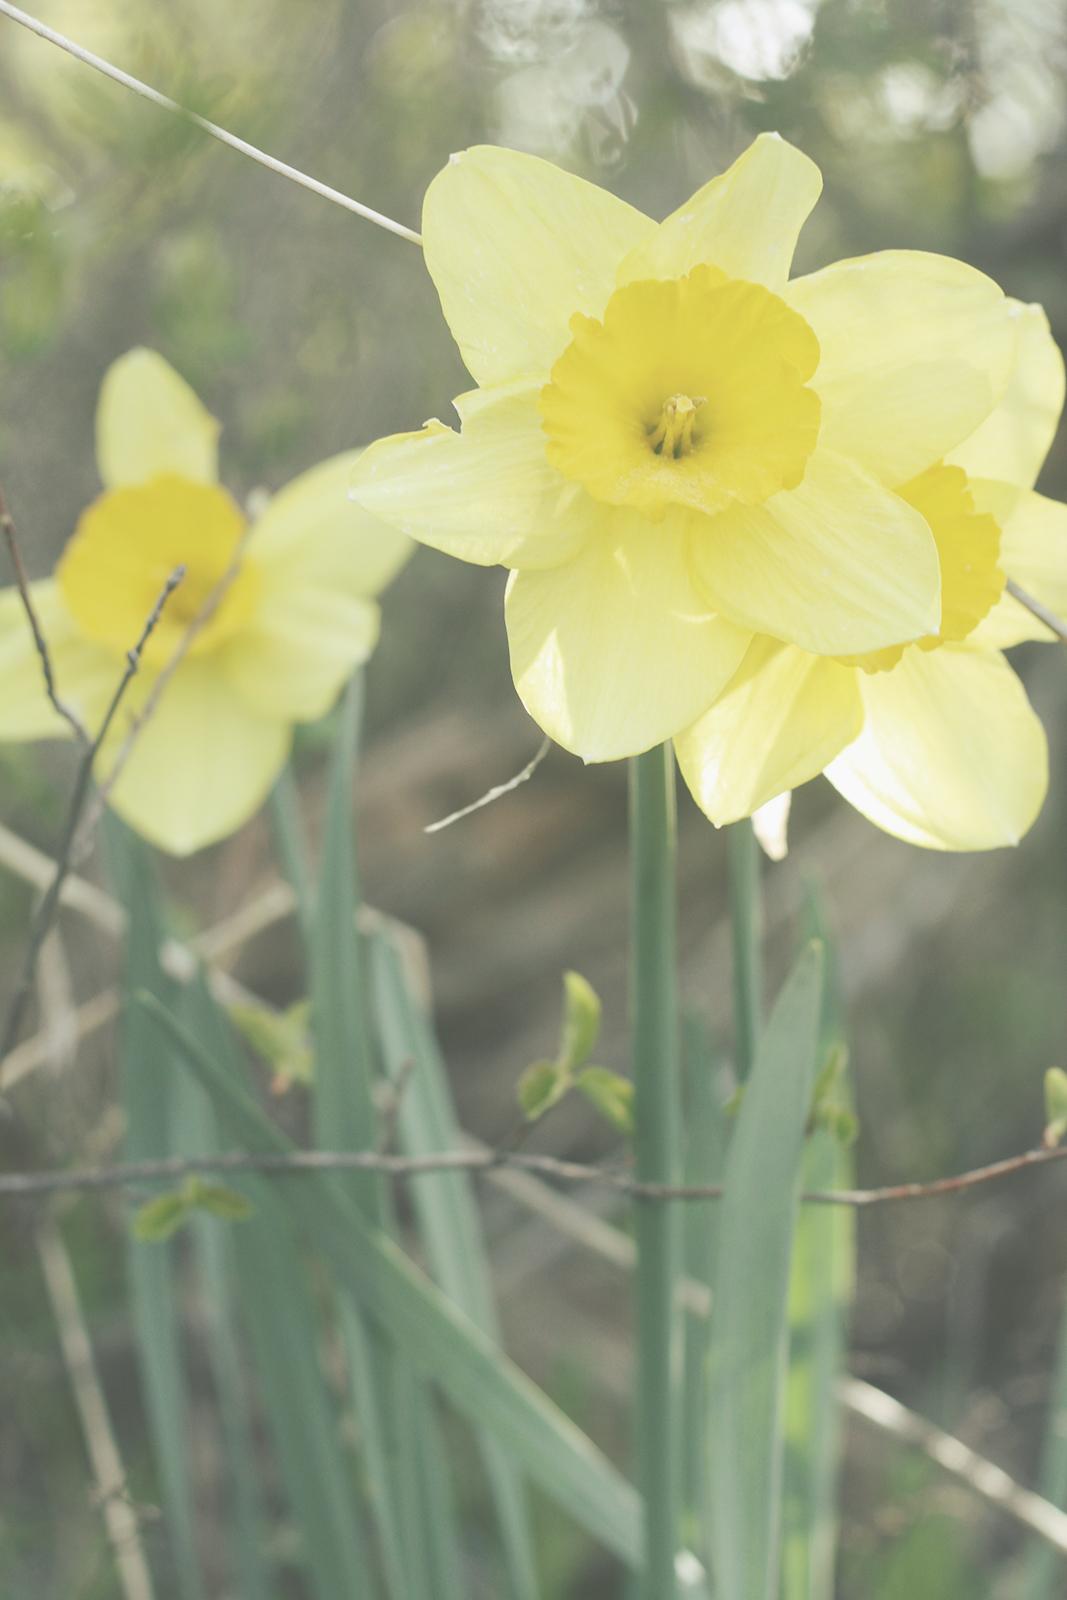 Daffodils | Tree Talker